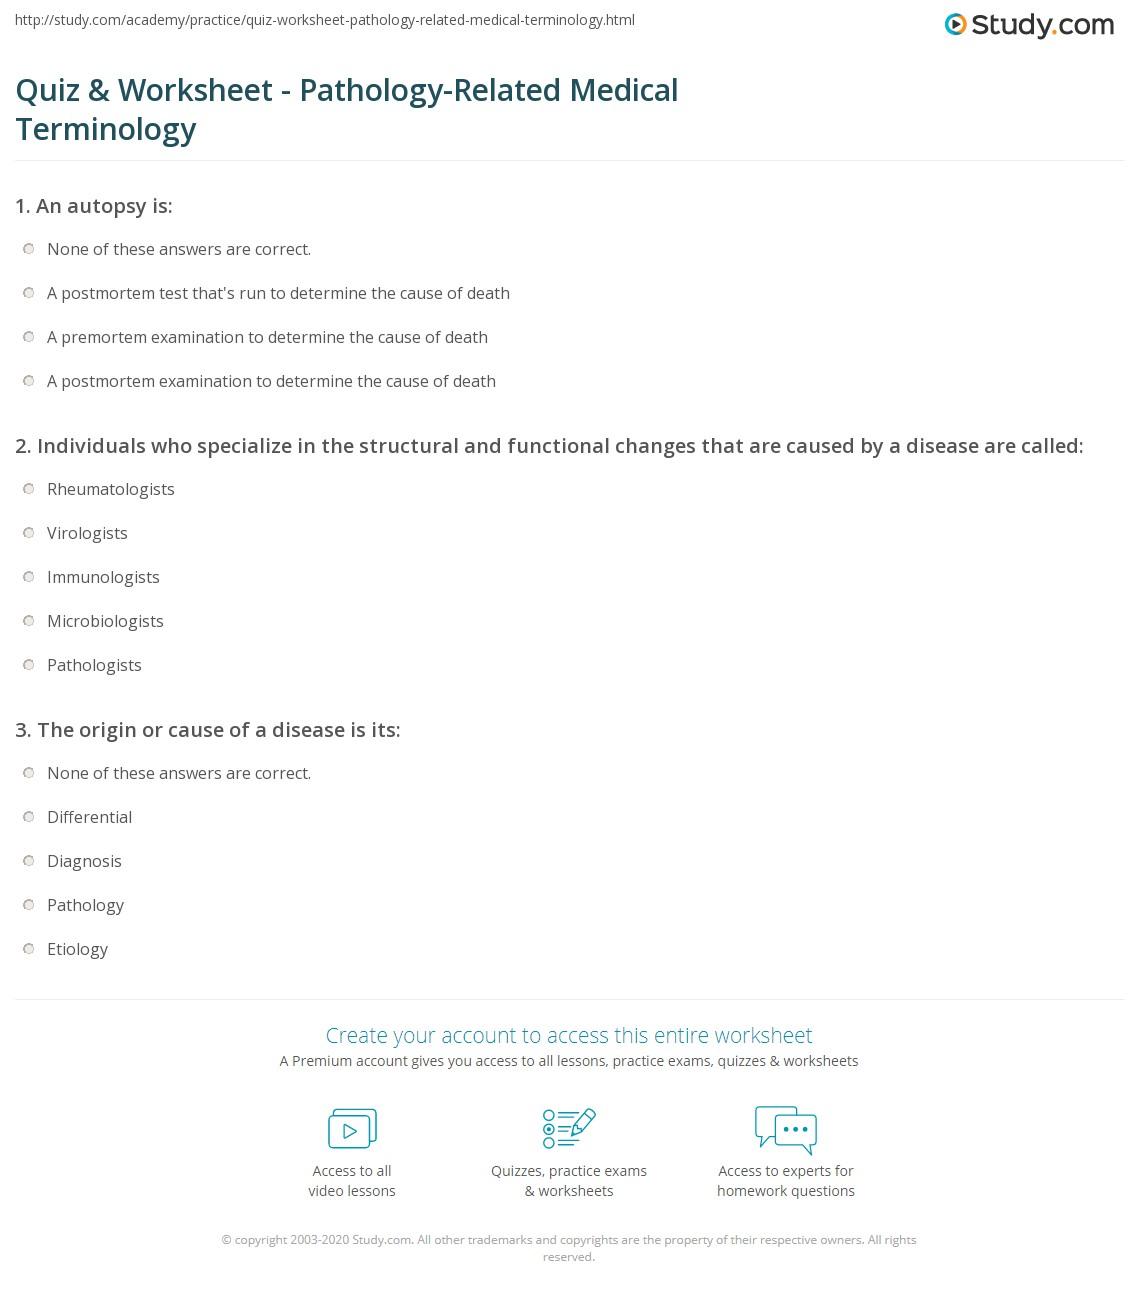 quiz worksheet pathology related medical terminology com related medical terminology worksheet